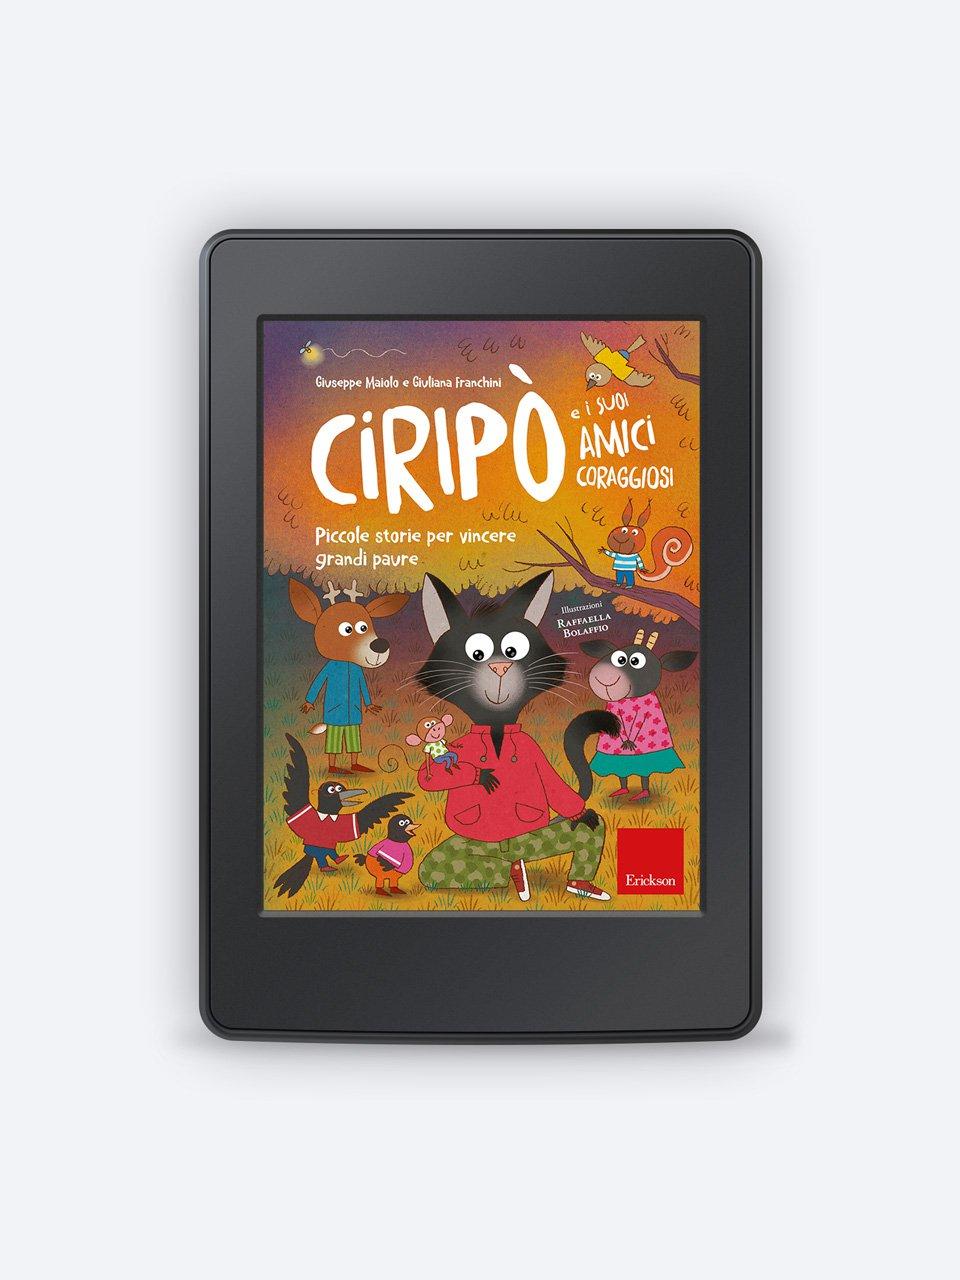 Ciripò e i suoi amici coraggiosi - Raccontare storie aiuta i bambini - Libri - Erickson